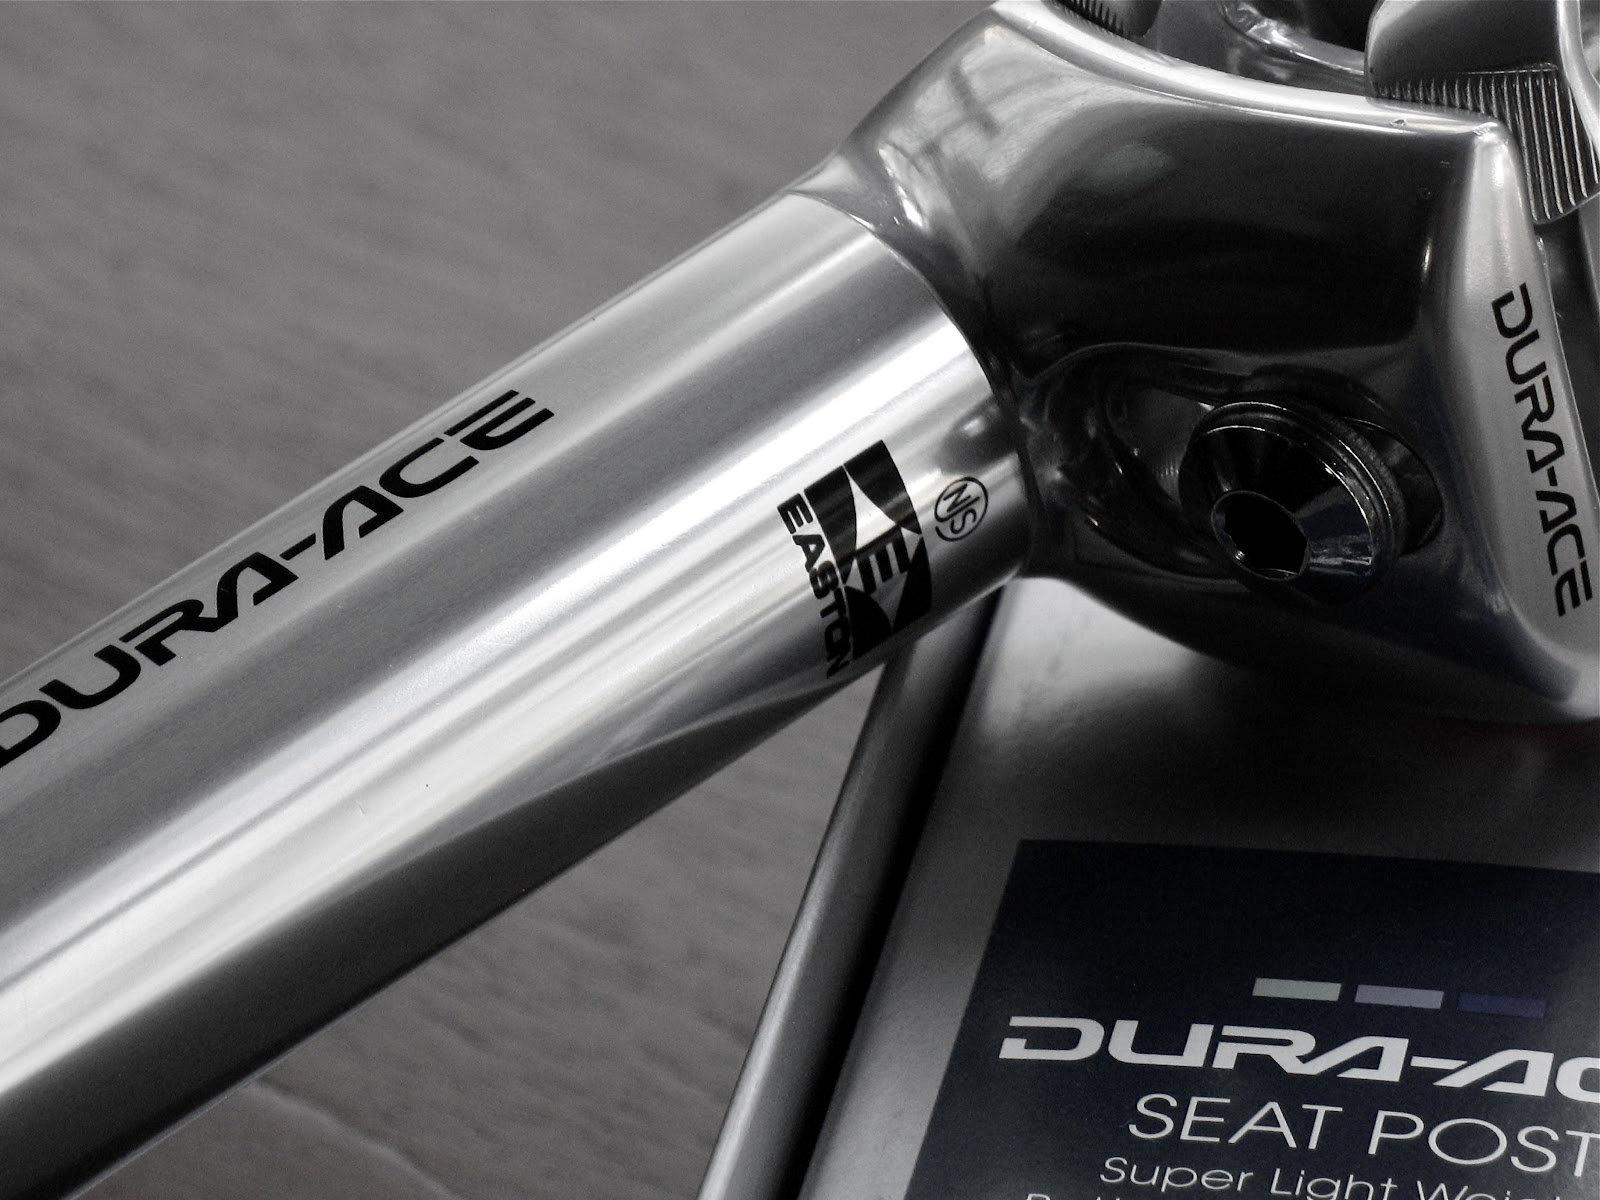 Az etalon a nyeregcsövek terén: Dura Ace 7410!